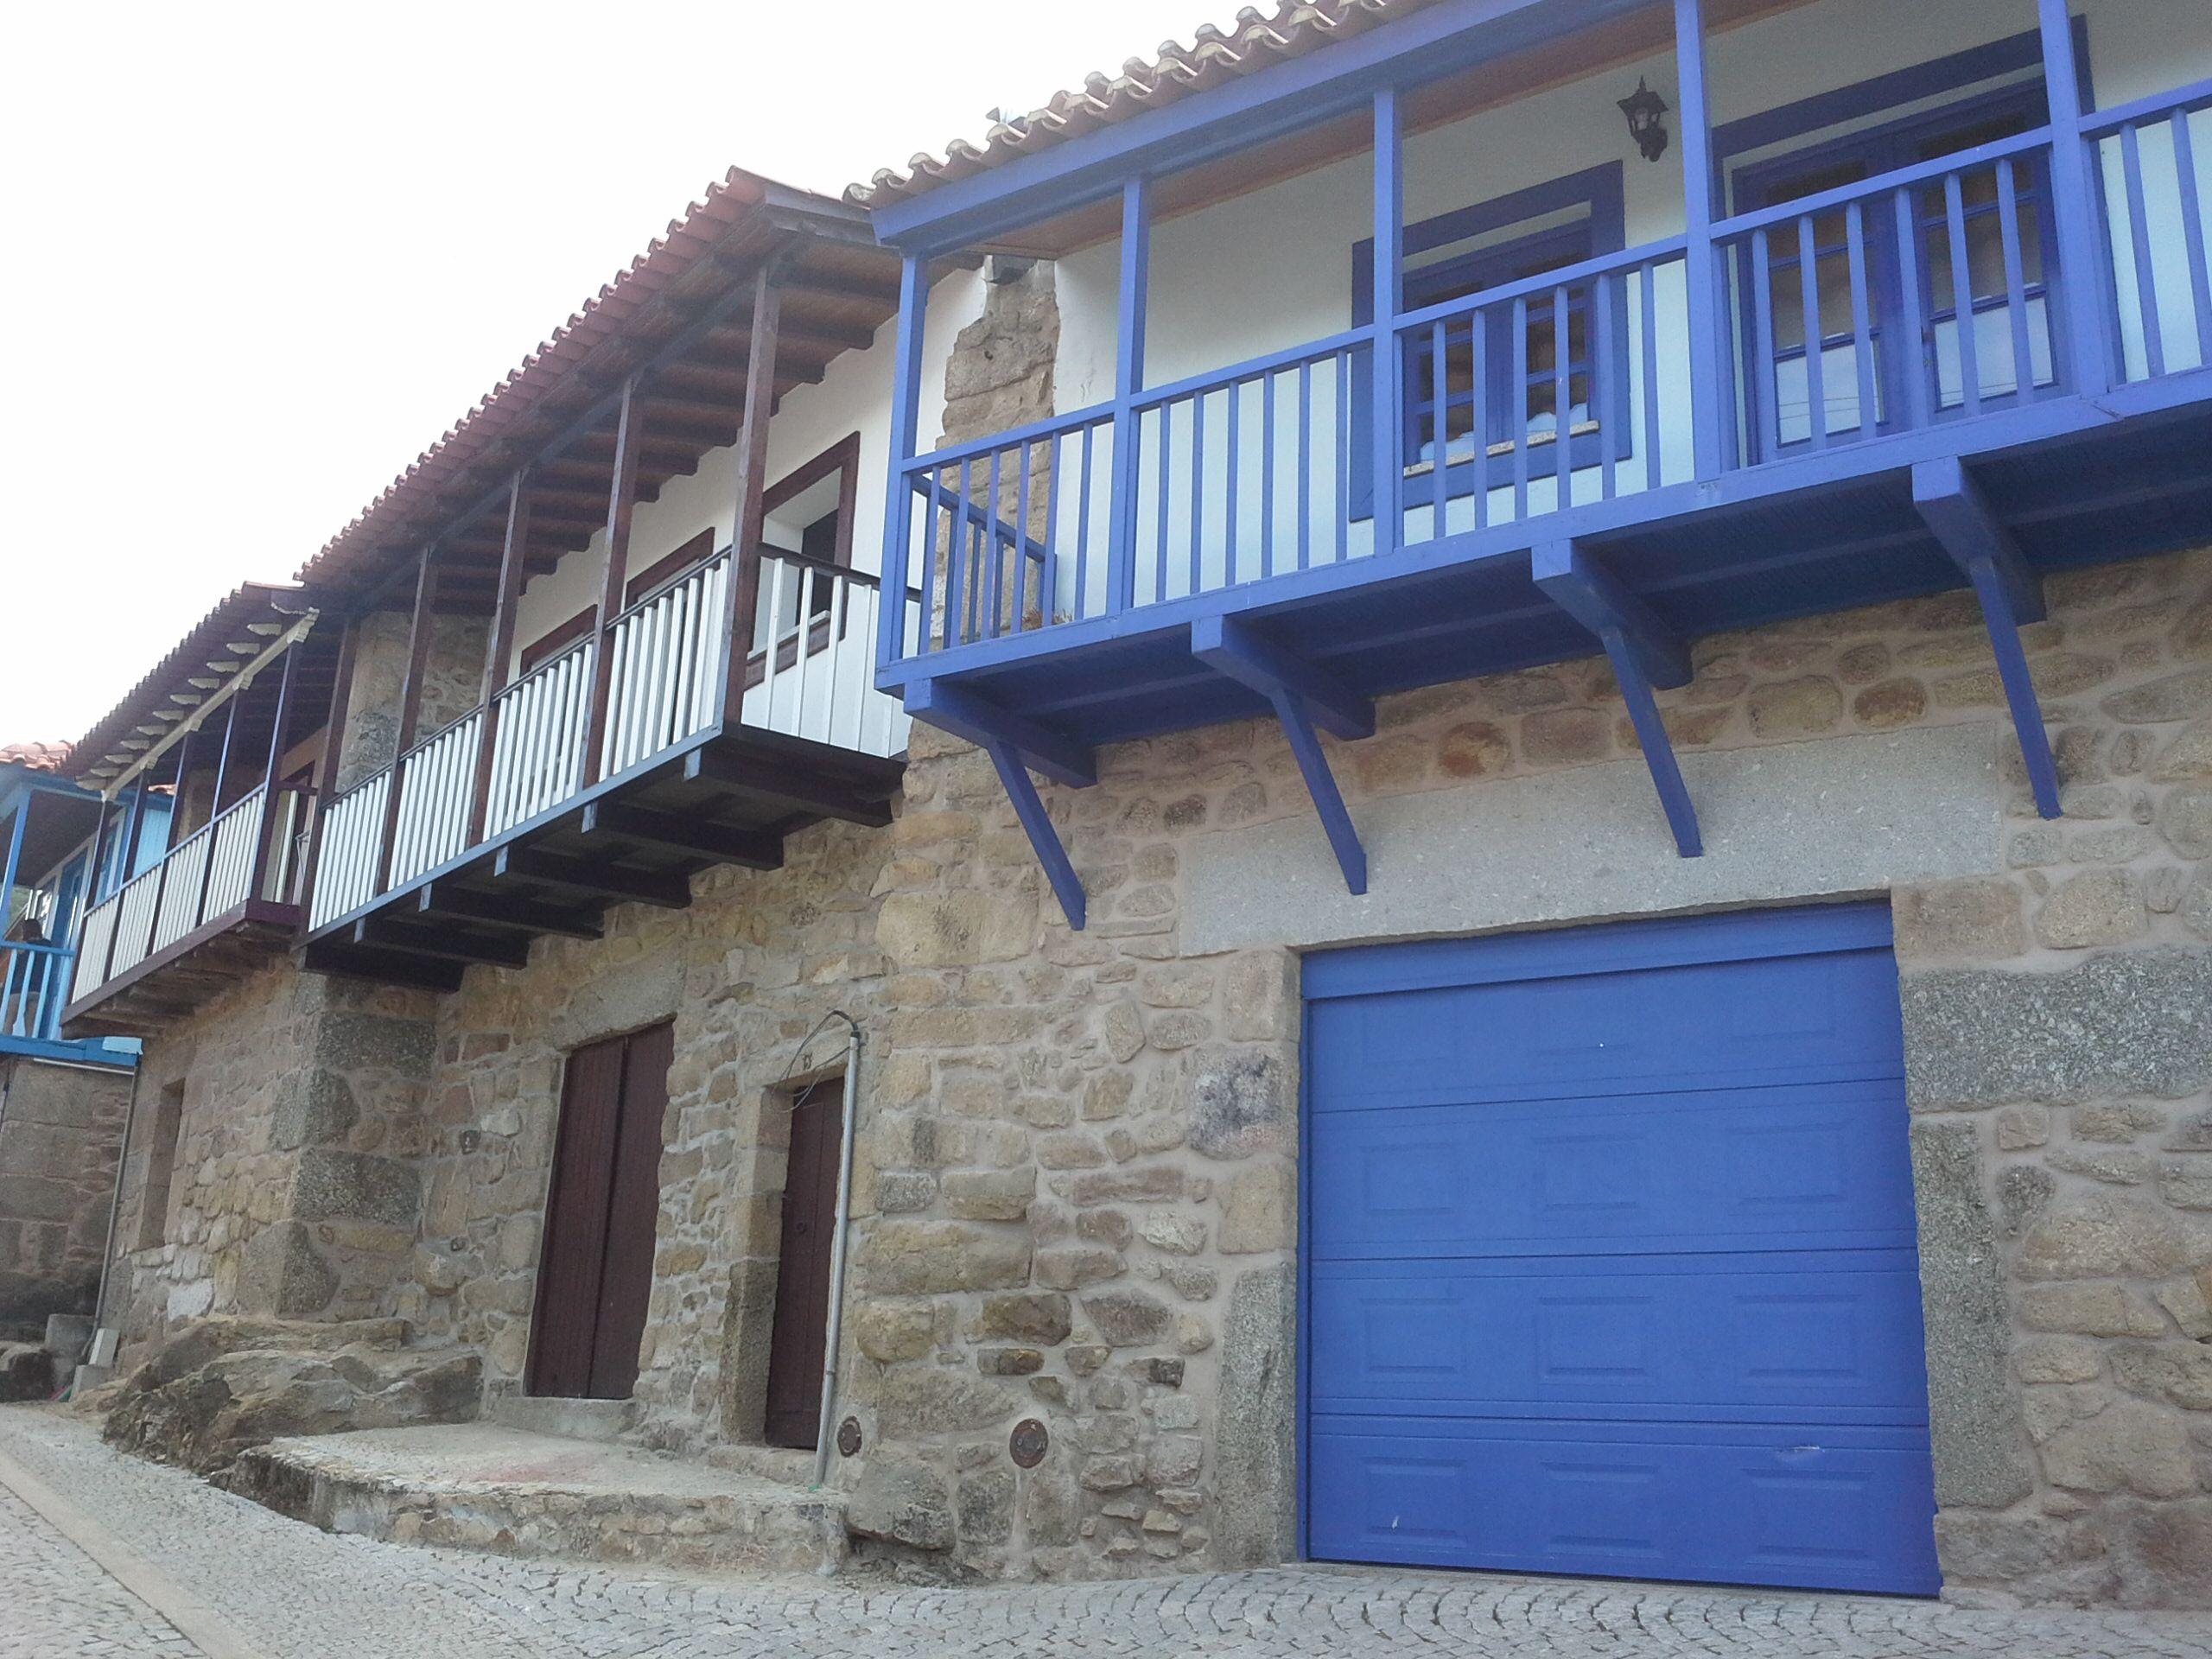 Casas típicas em tons de azul